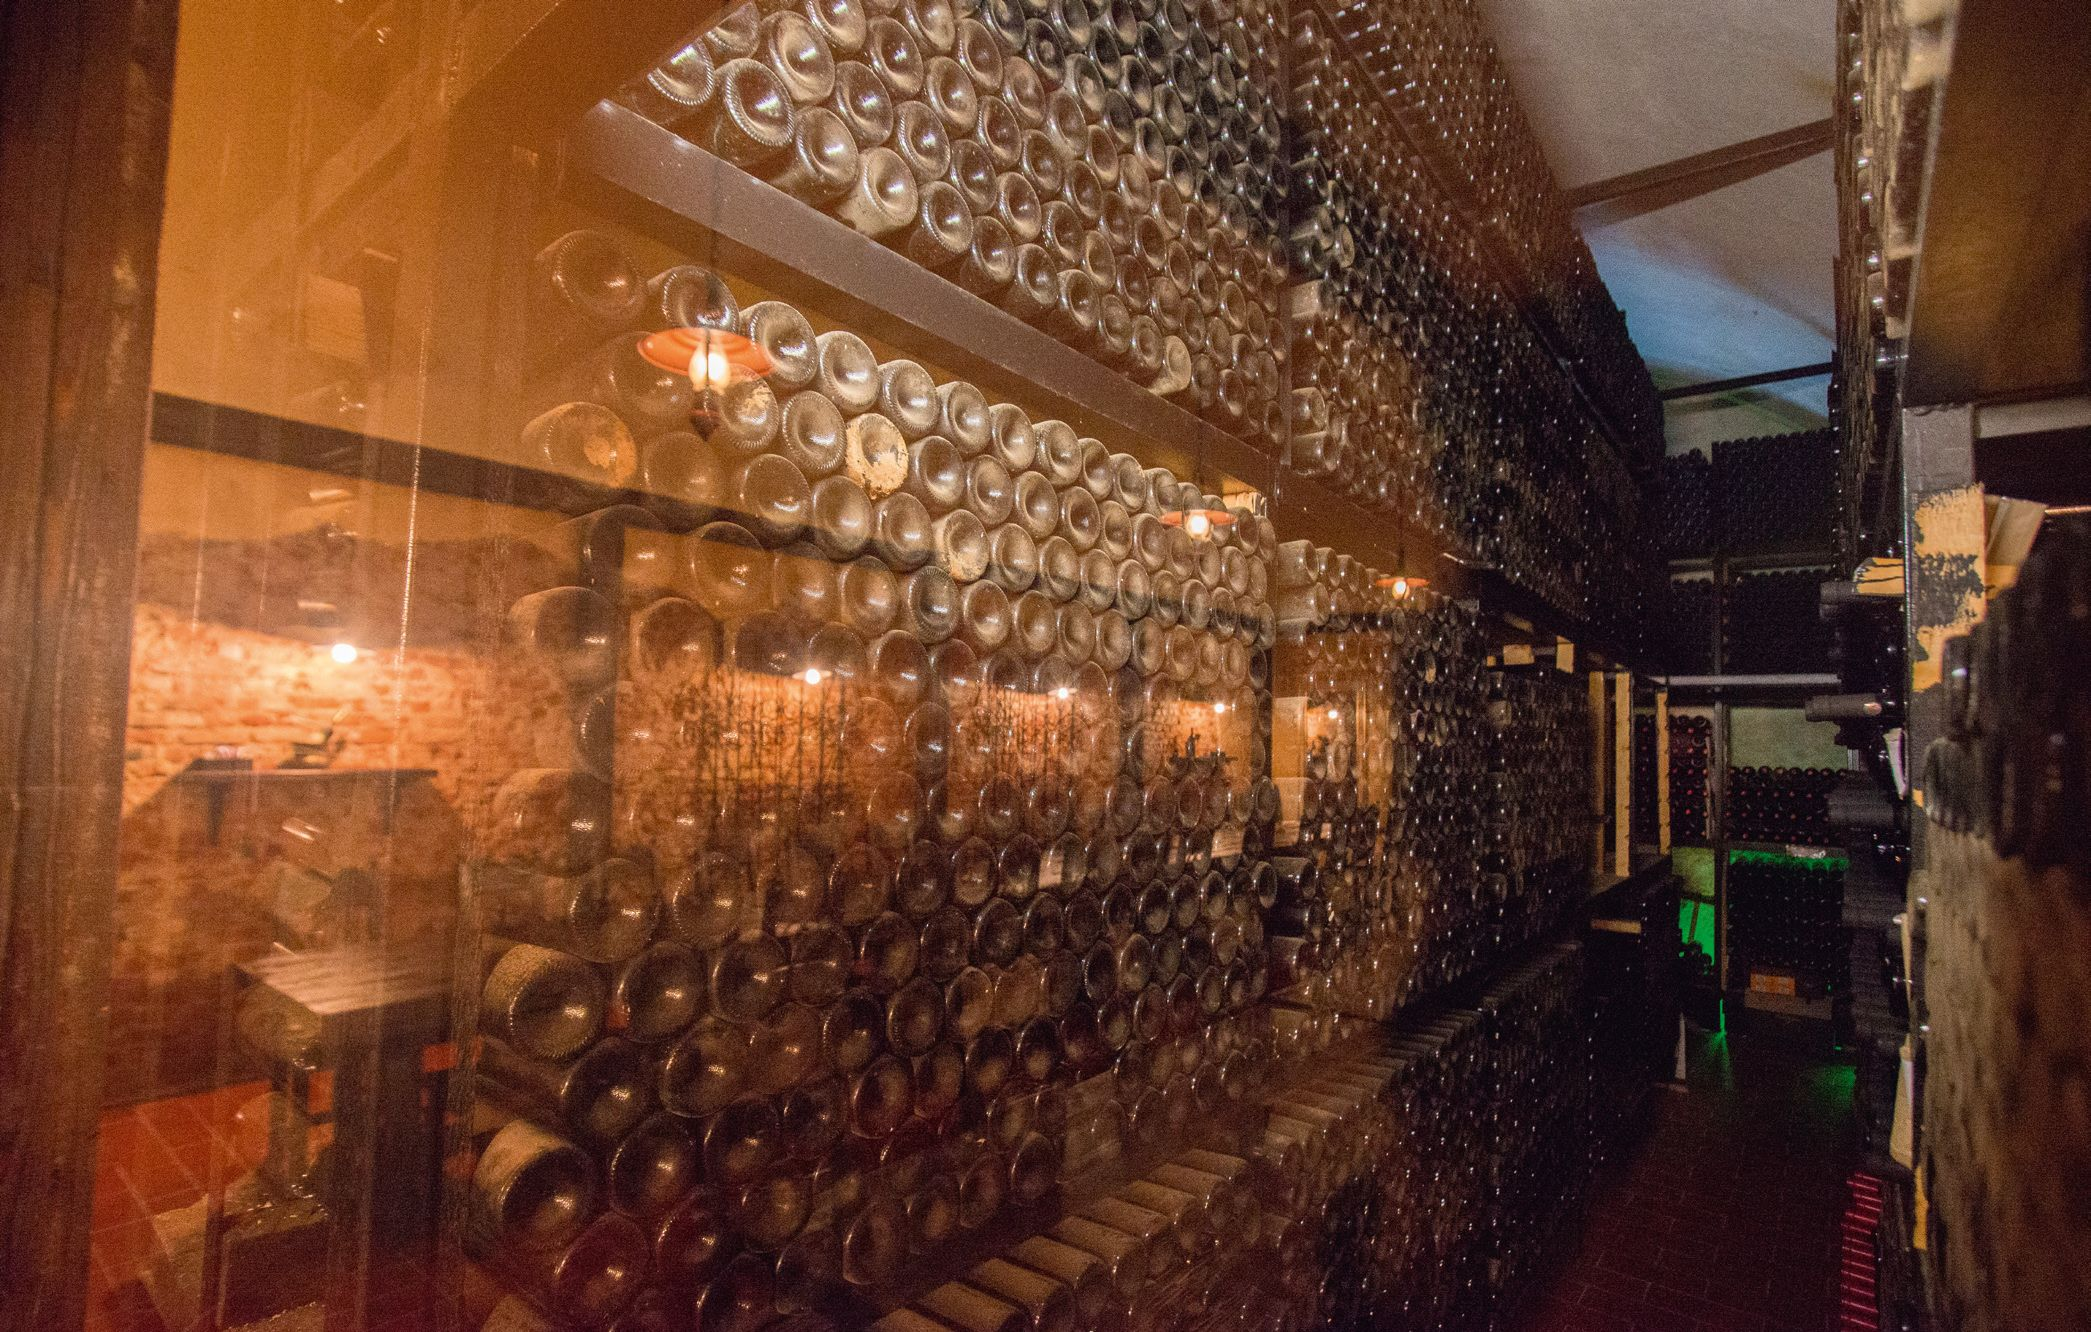 Cele mai valoaroase sticle de vin sunt depozitate într-un mediu controlat